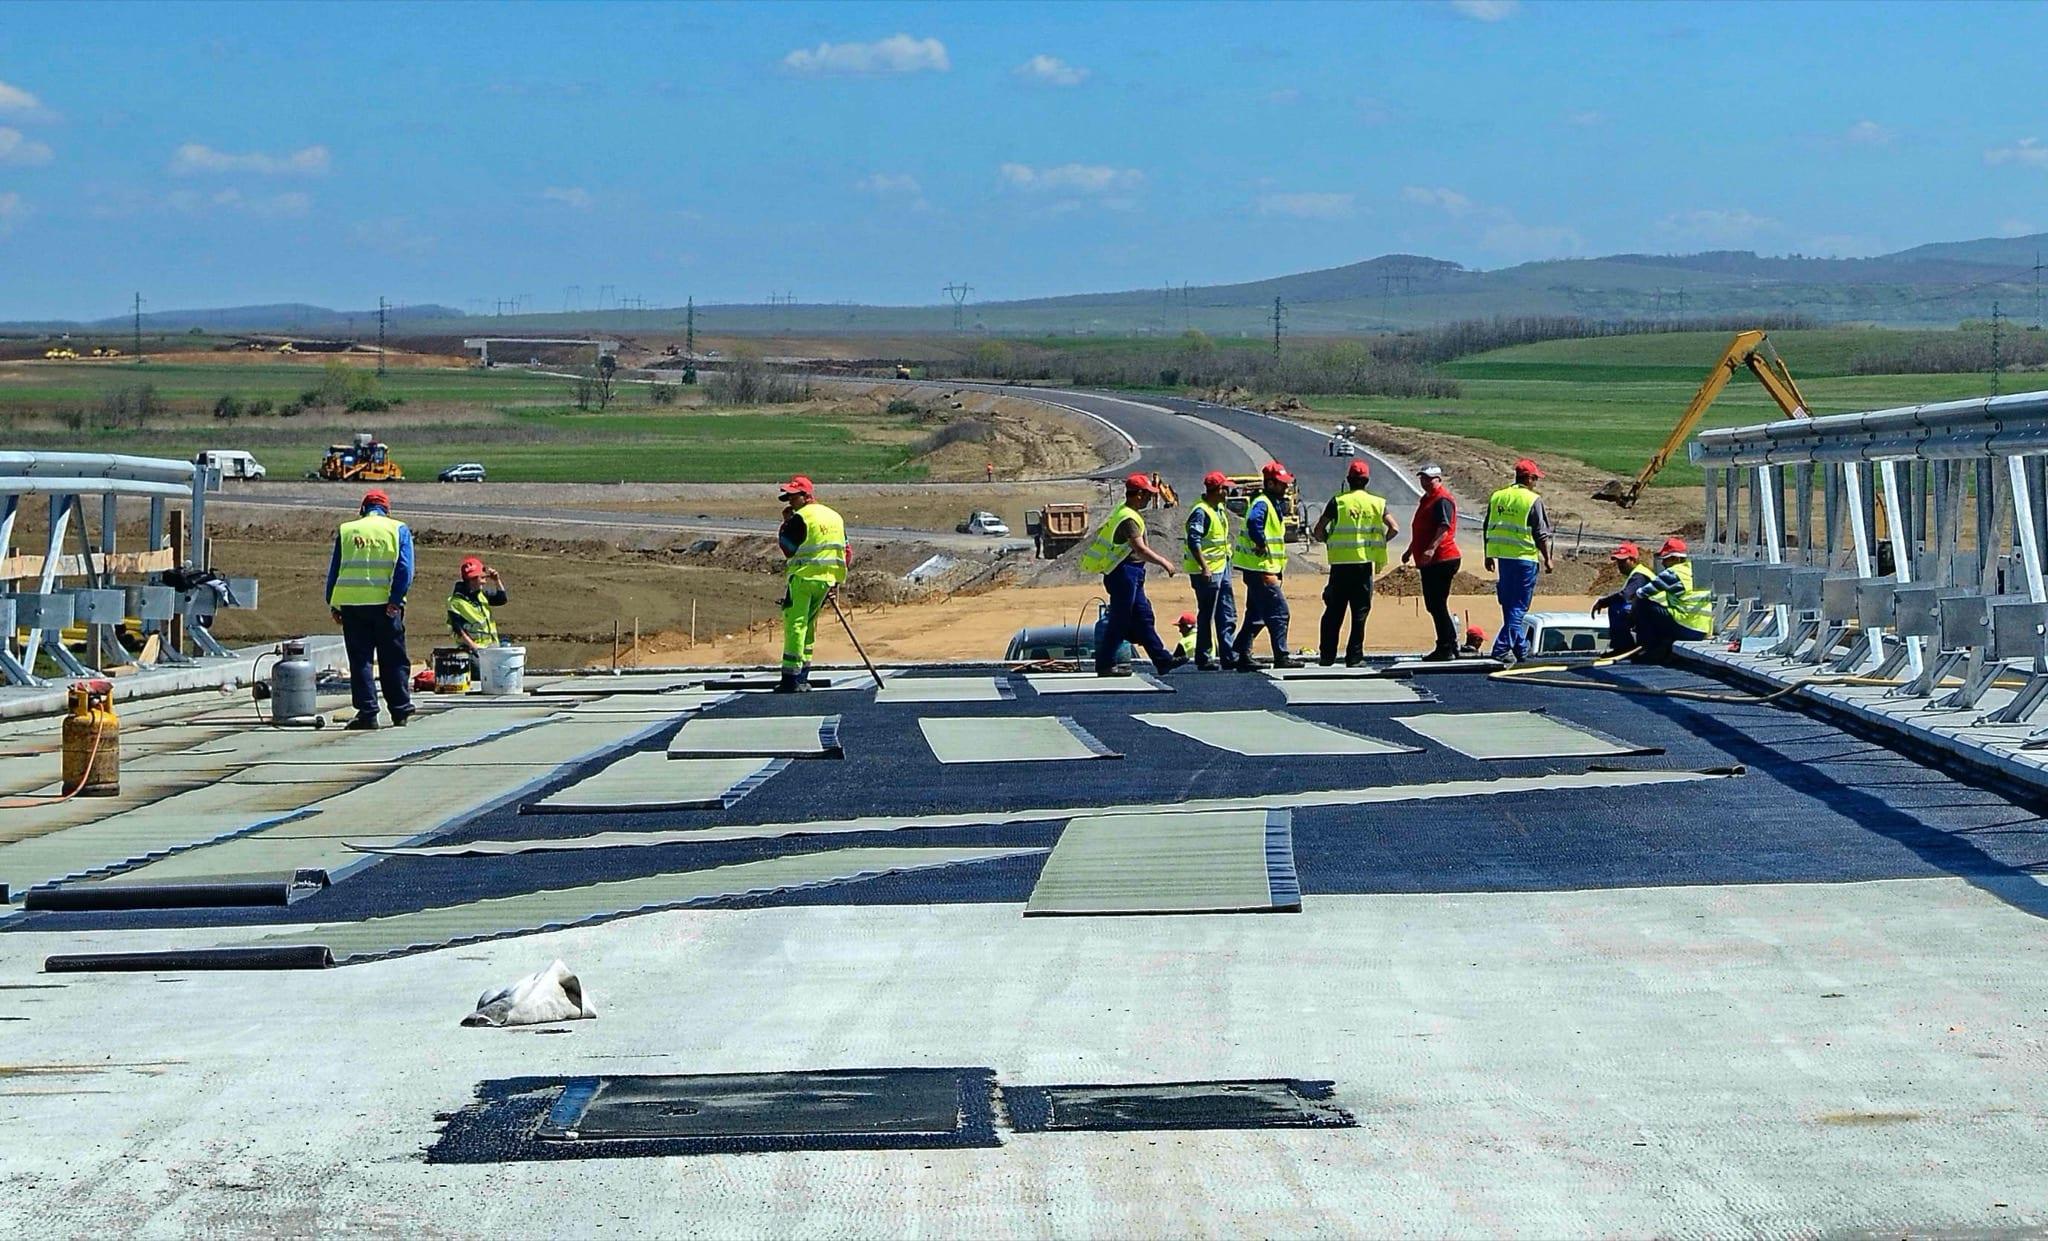 MAIN De pe lotul Orastie Sebes Sibiu muncitori care lucreaza la continuarea autostrazii spre Sibiu copy - Autostrada Ploiești-Brașov, potențial de a genera noi poli de dezvoltare imobiliară